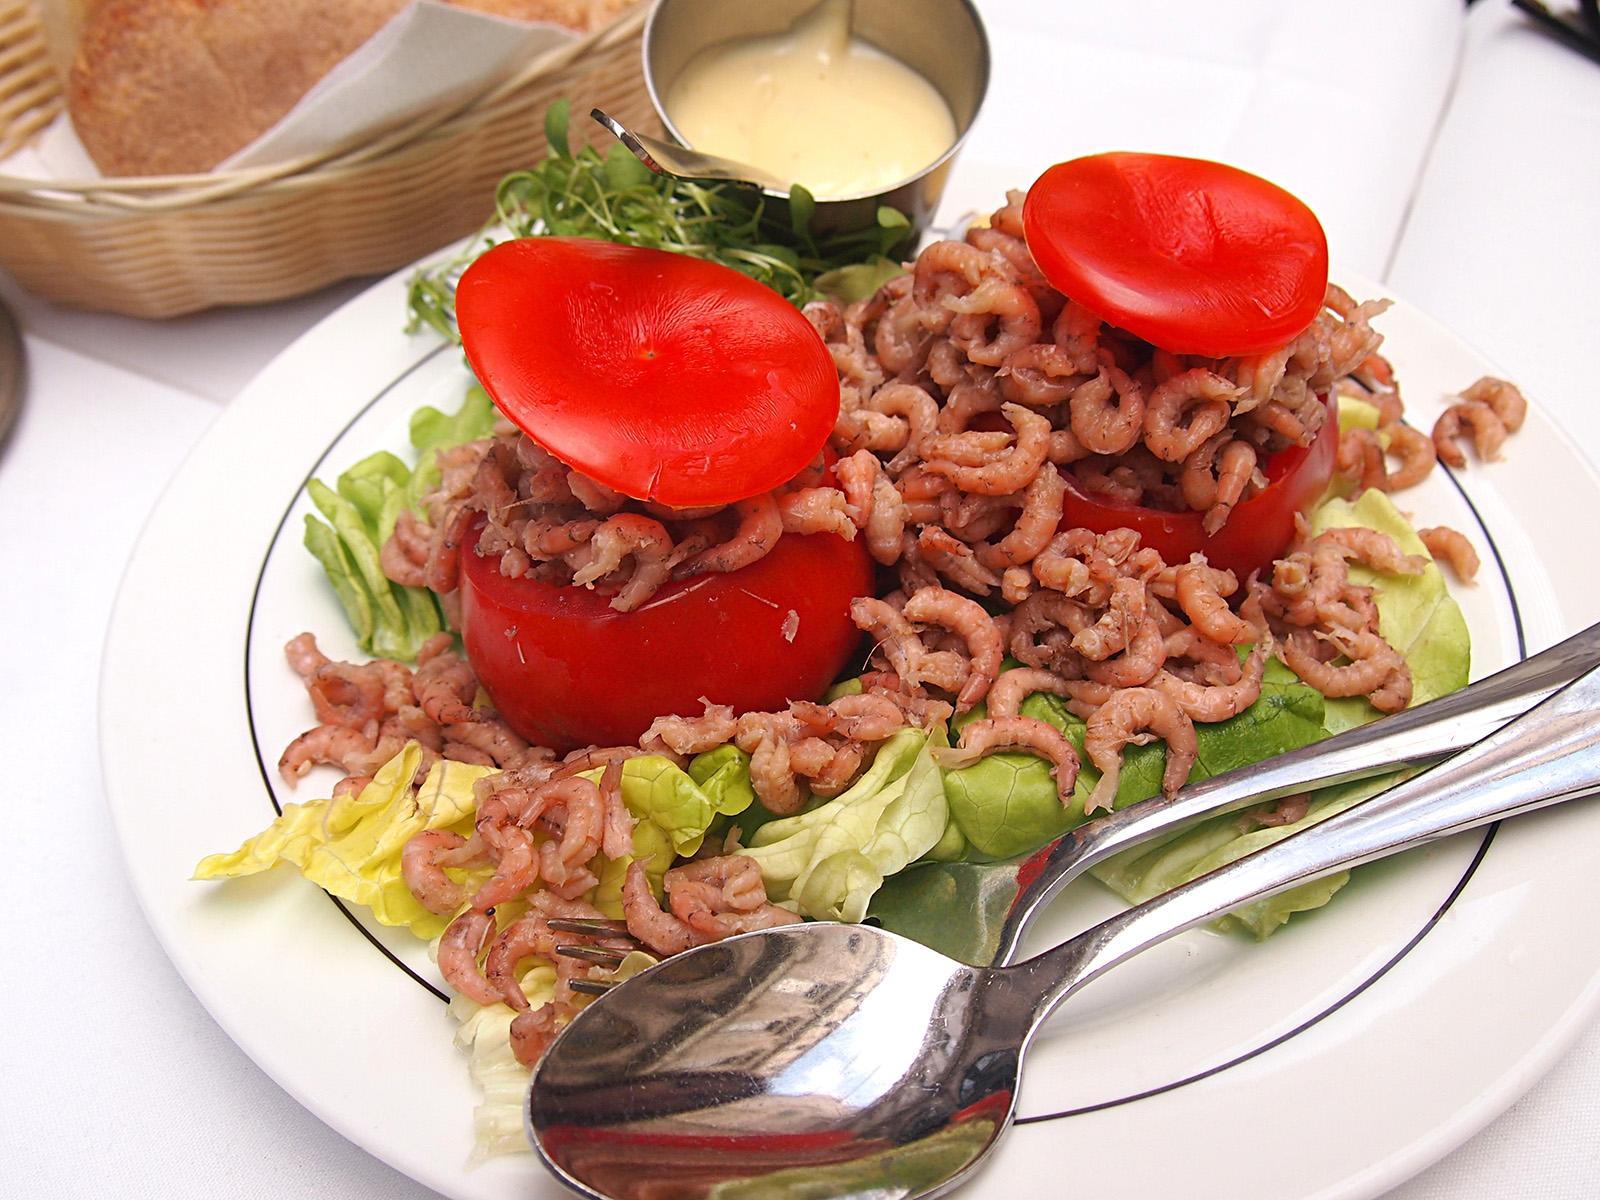 Plněná rajčata malými krevetkami jsou bruselskou specialitou